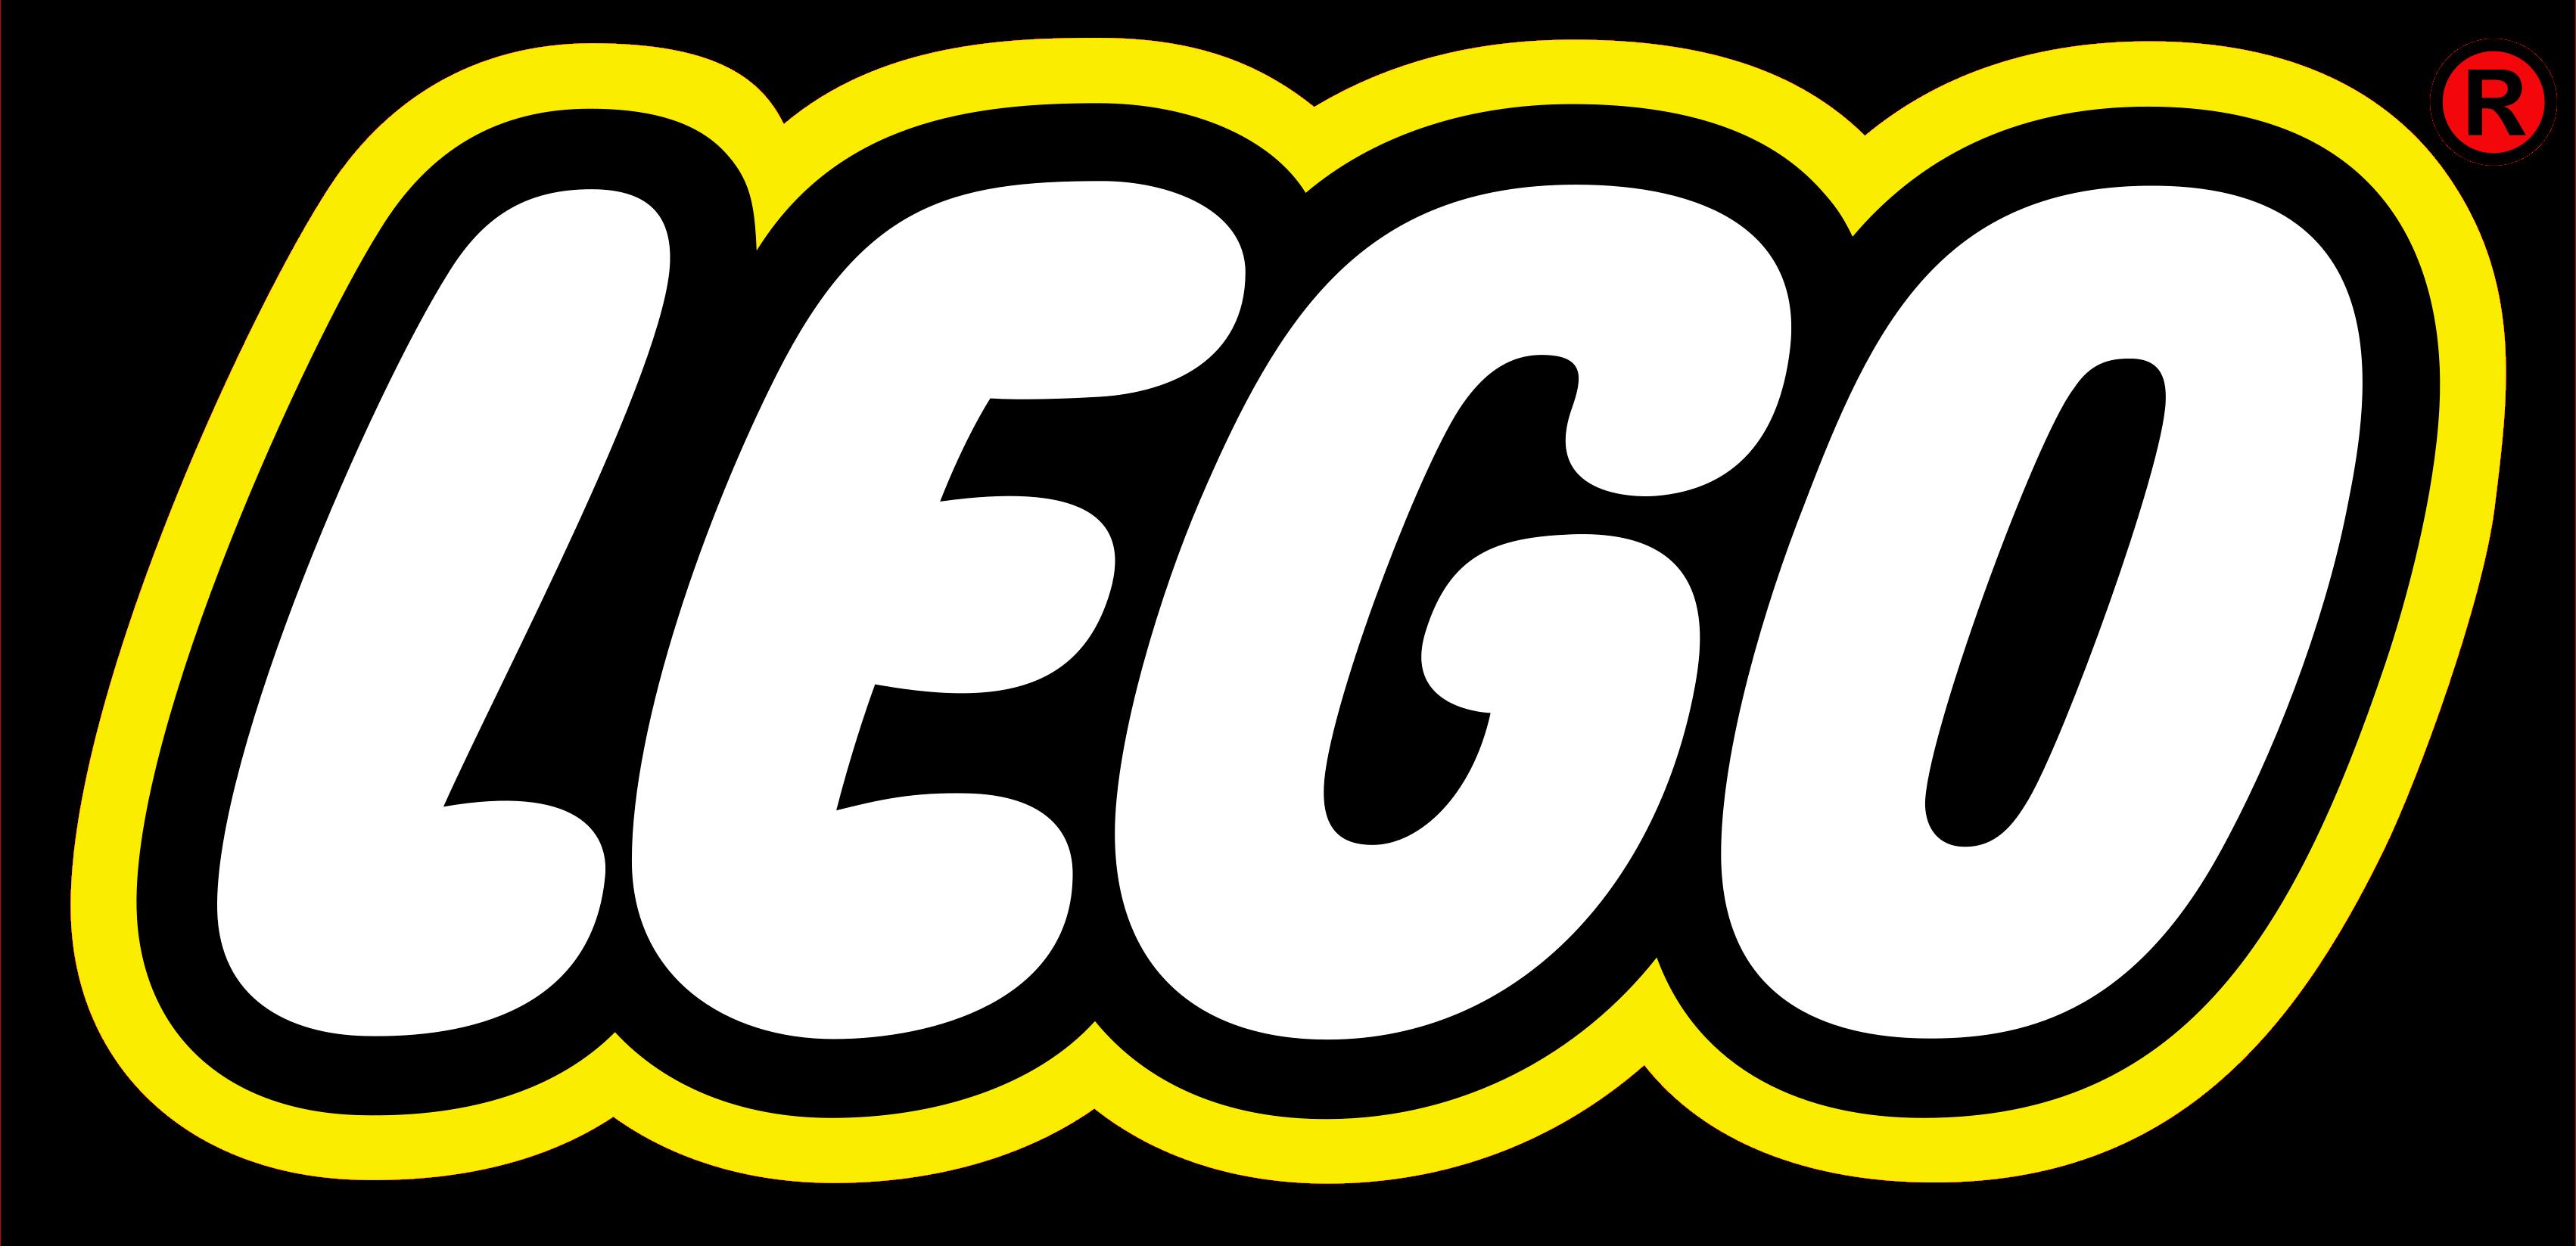 Lego | Eaglex